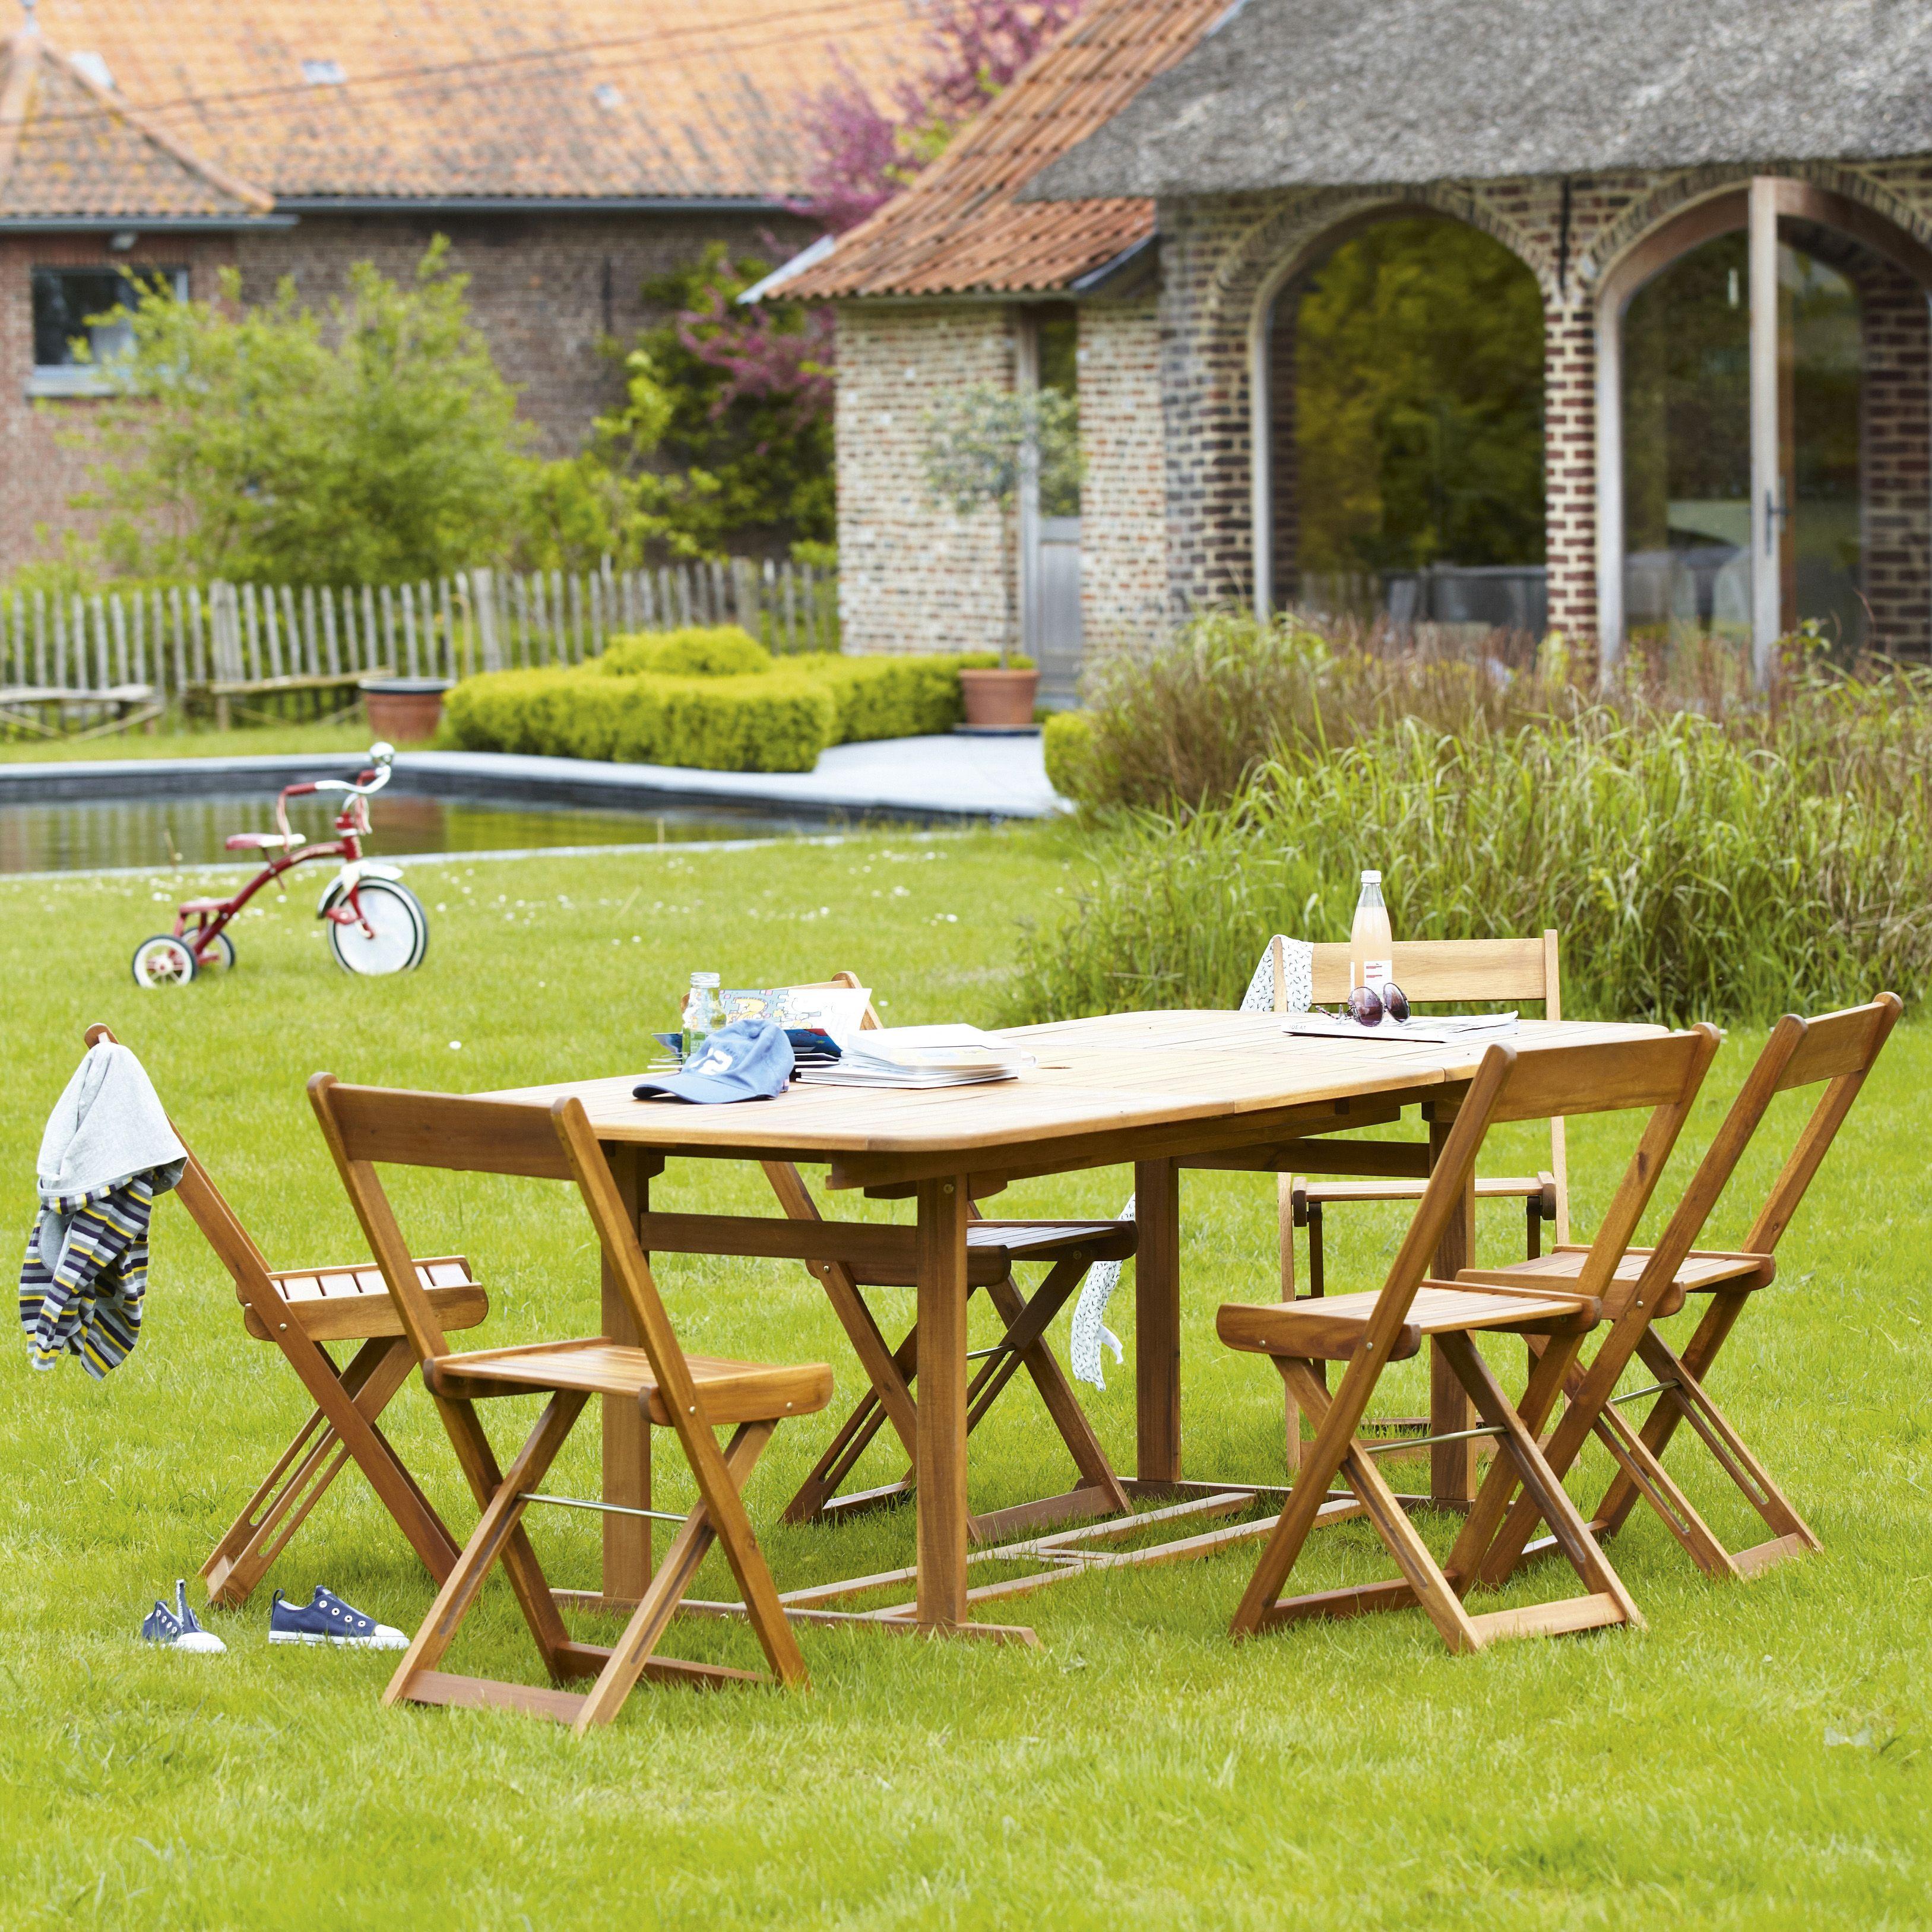 Une Table De Jardin Rectangulaire En Bois Pour Recevoir Toute La Famille Et Les Amis Leroymerlin Table Jardin Terra Table De Jardin Meuble Jardin Jardins